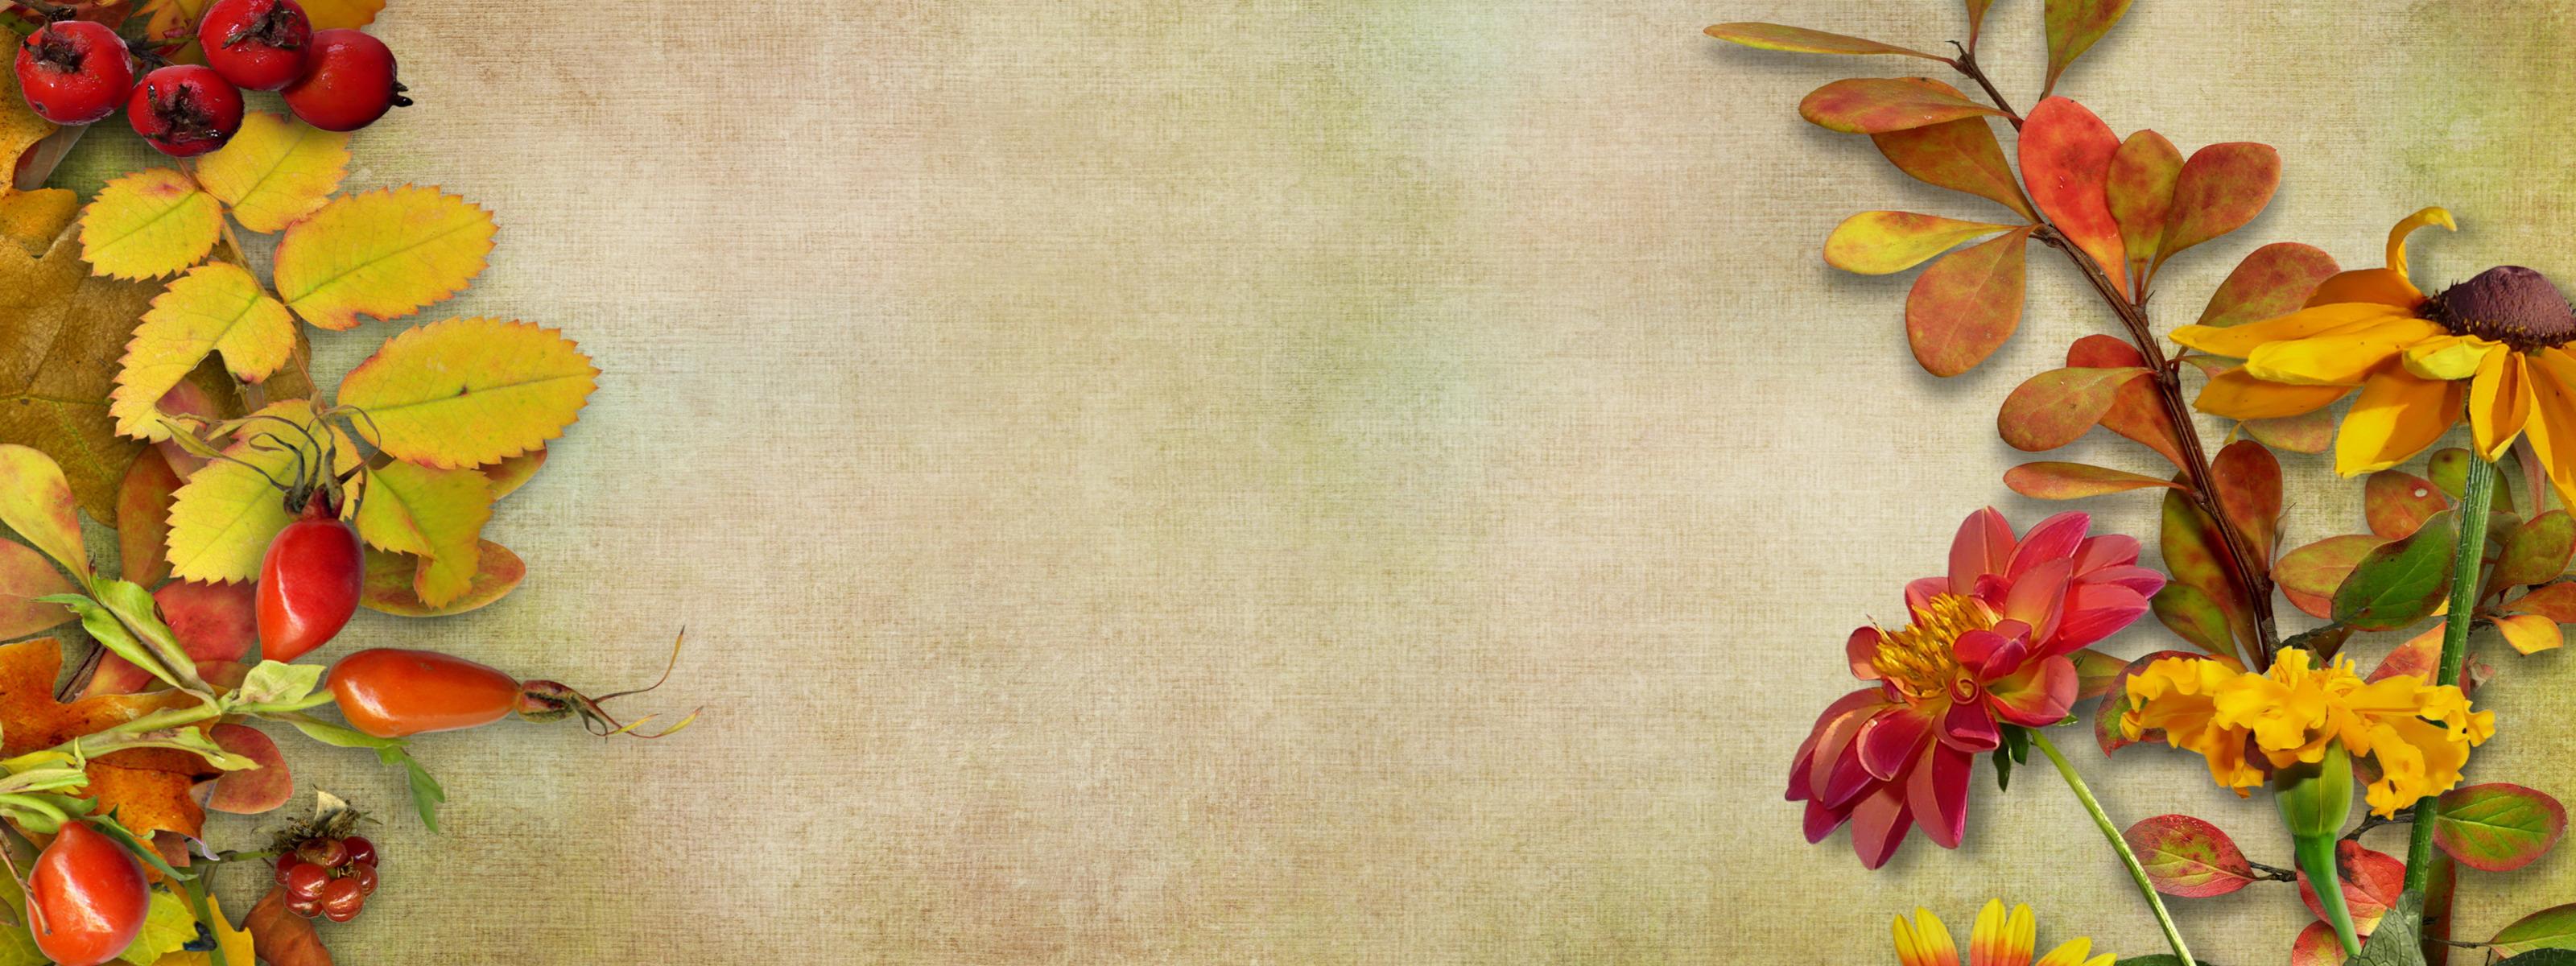 Надписями, открытки с осенними цветами без надписей